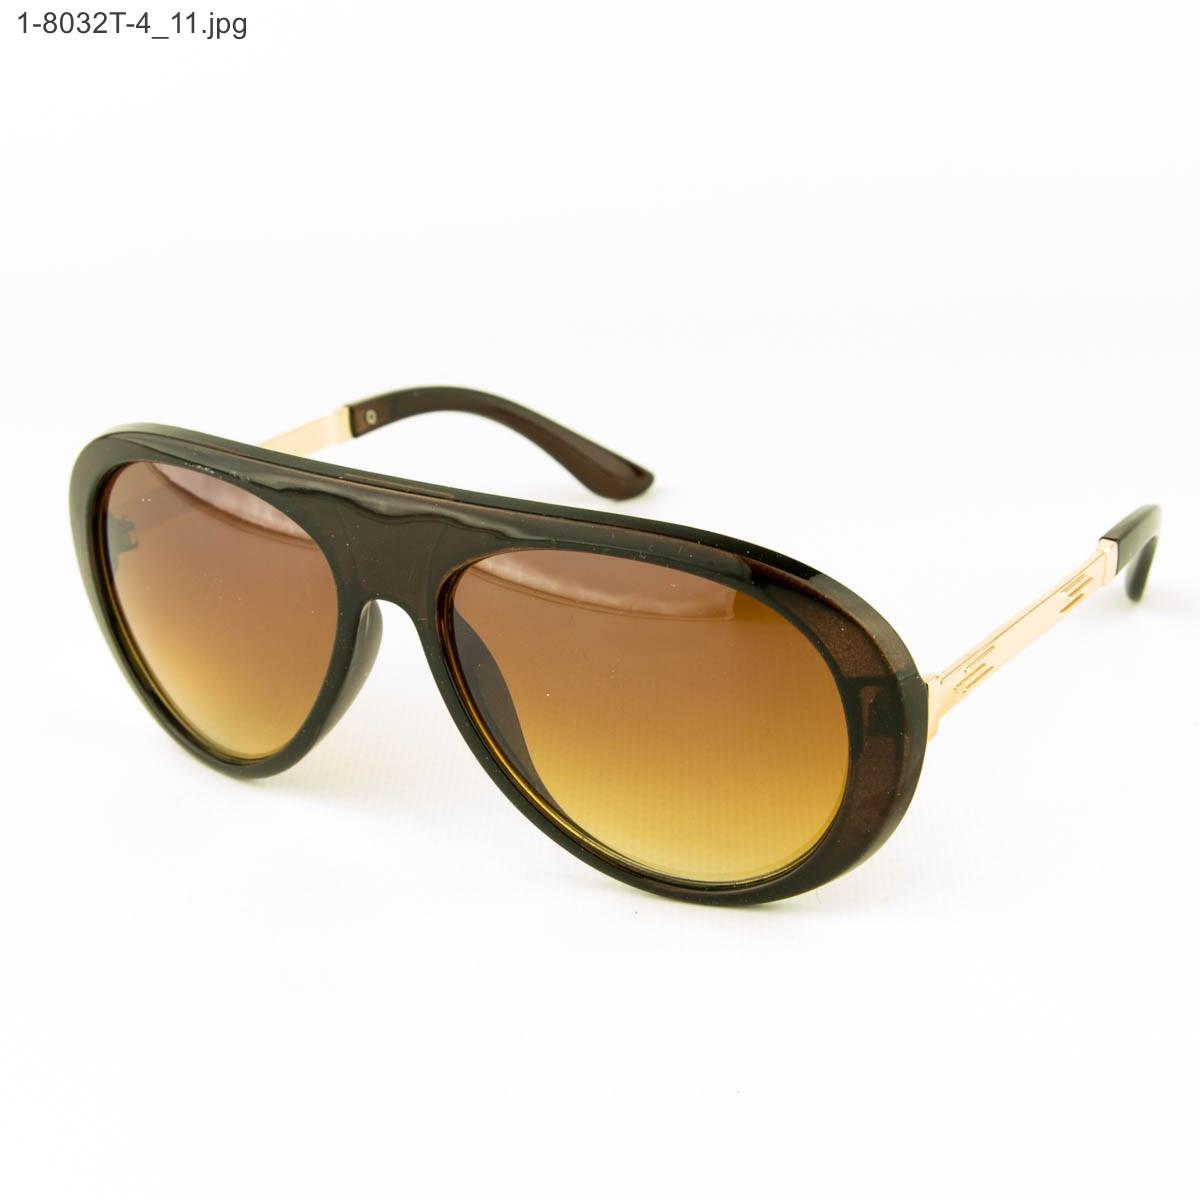 Стильные солнцезащитные очки - Коричневые - 1-8032Т-4, фото 1